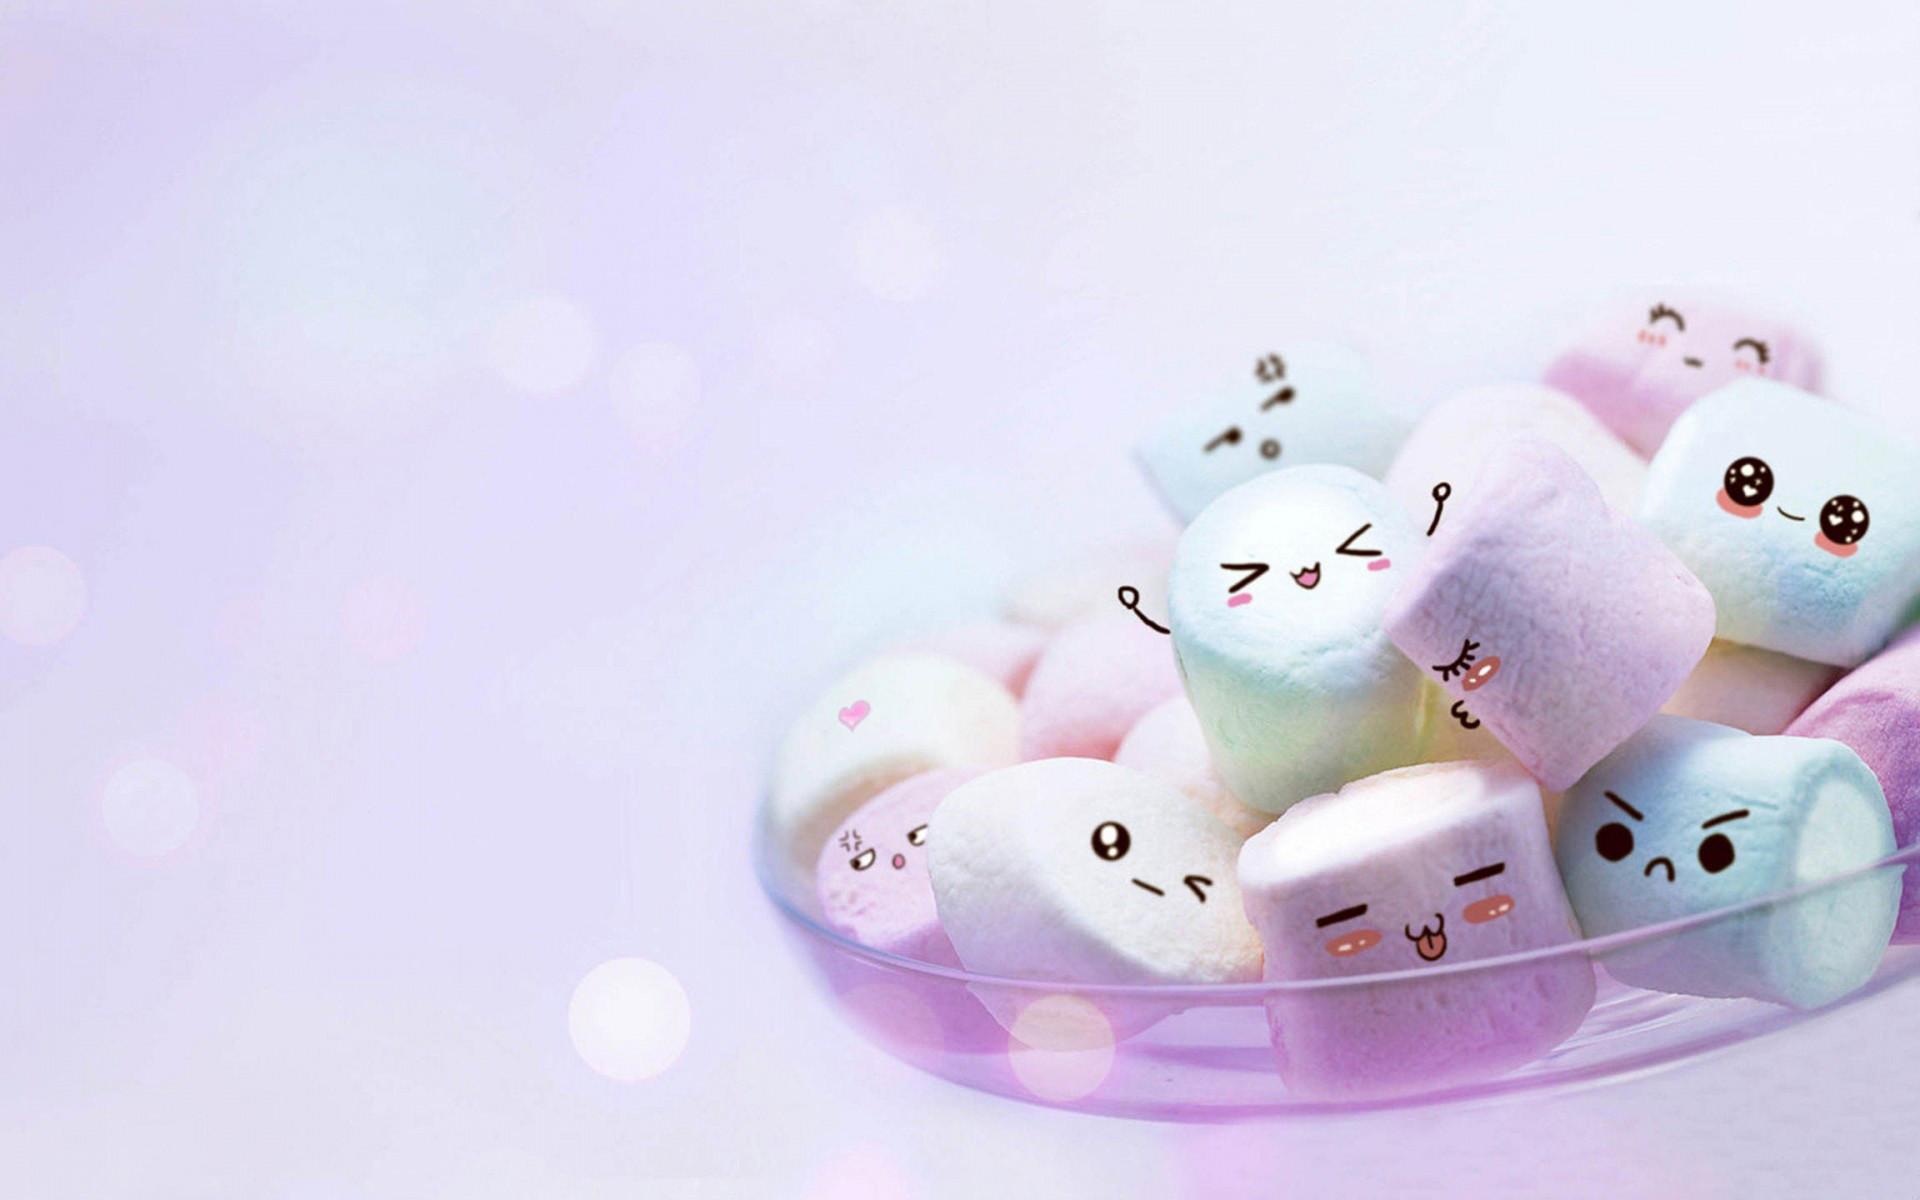 Hình nền những viên kẹo cute